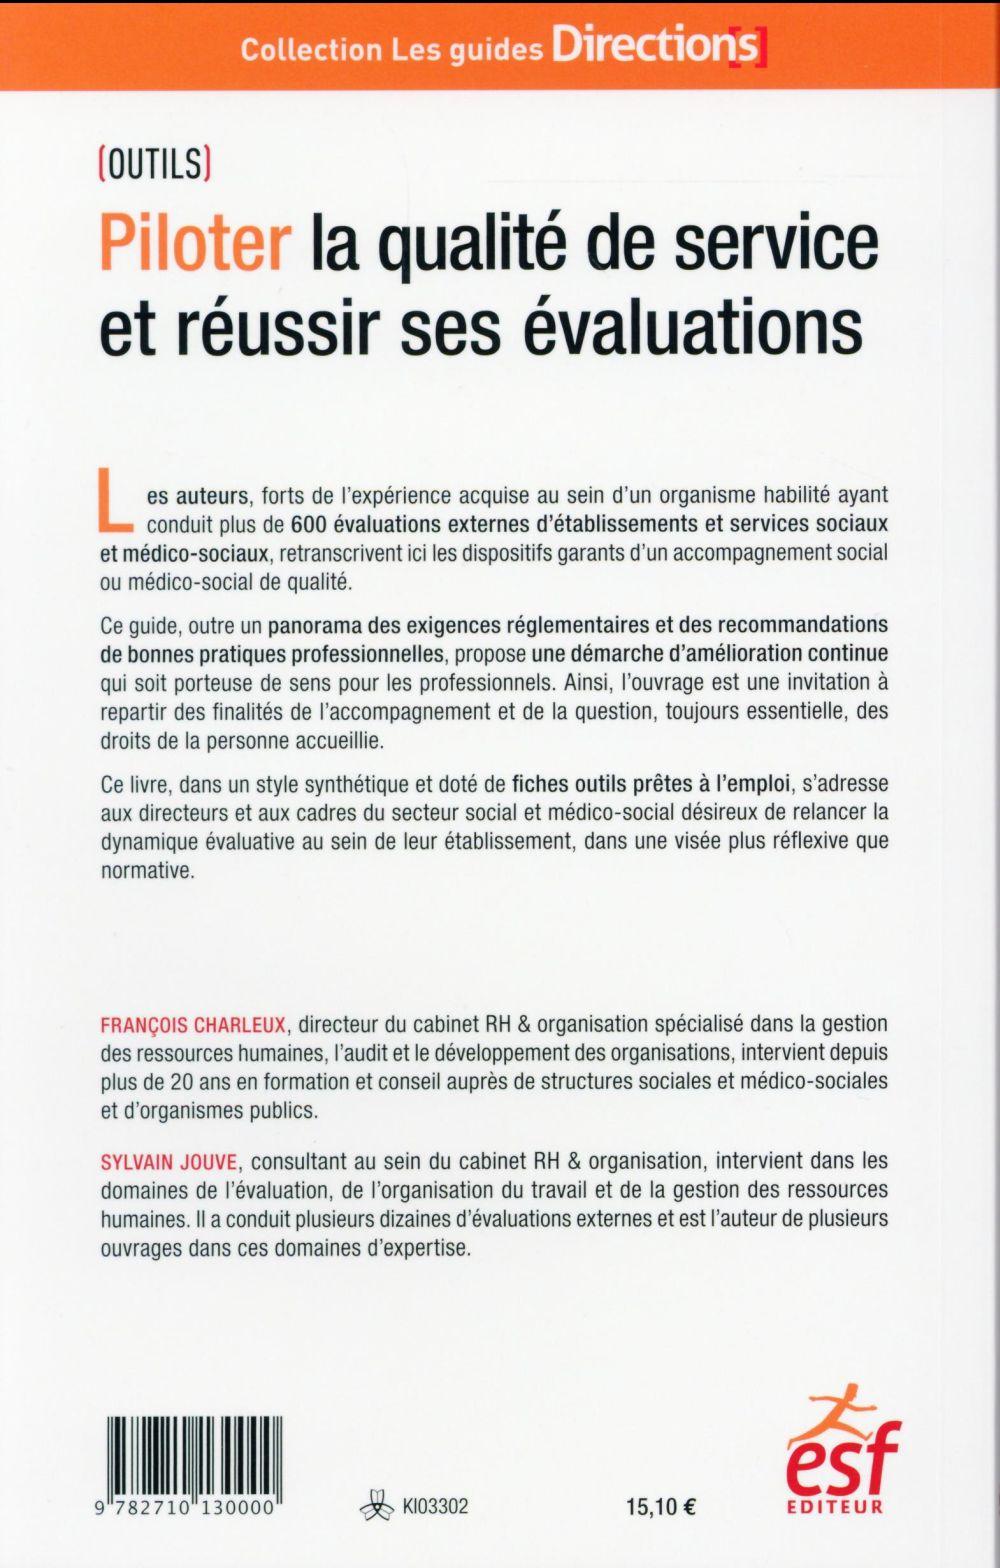 Piloter la qualité de service apres l'évaluation